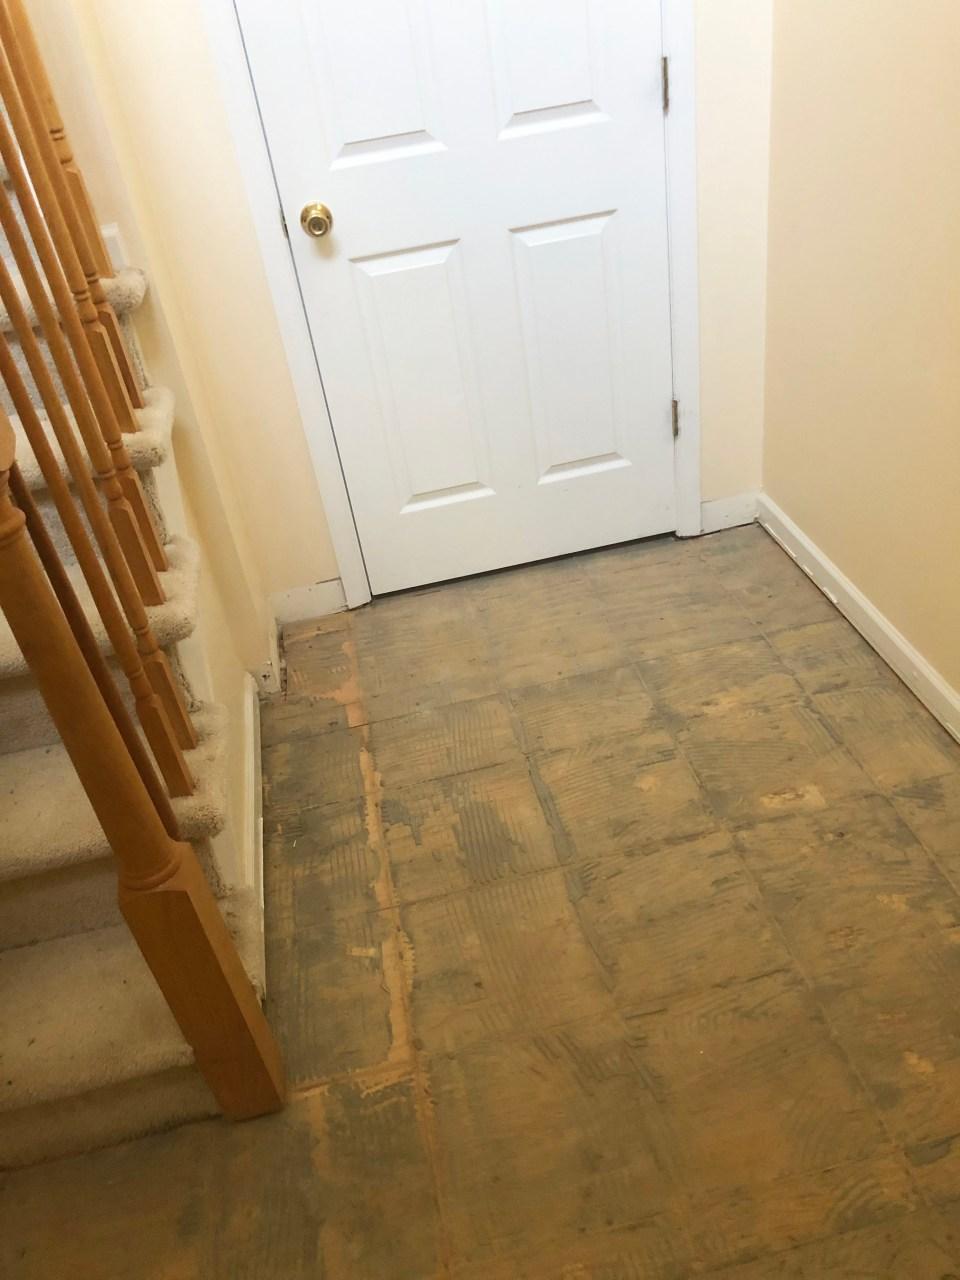 Foyer - Stairs Update 7